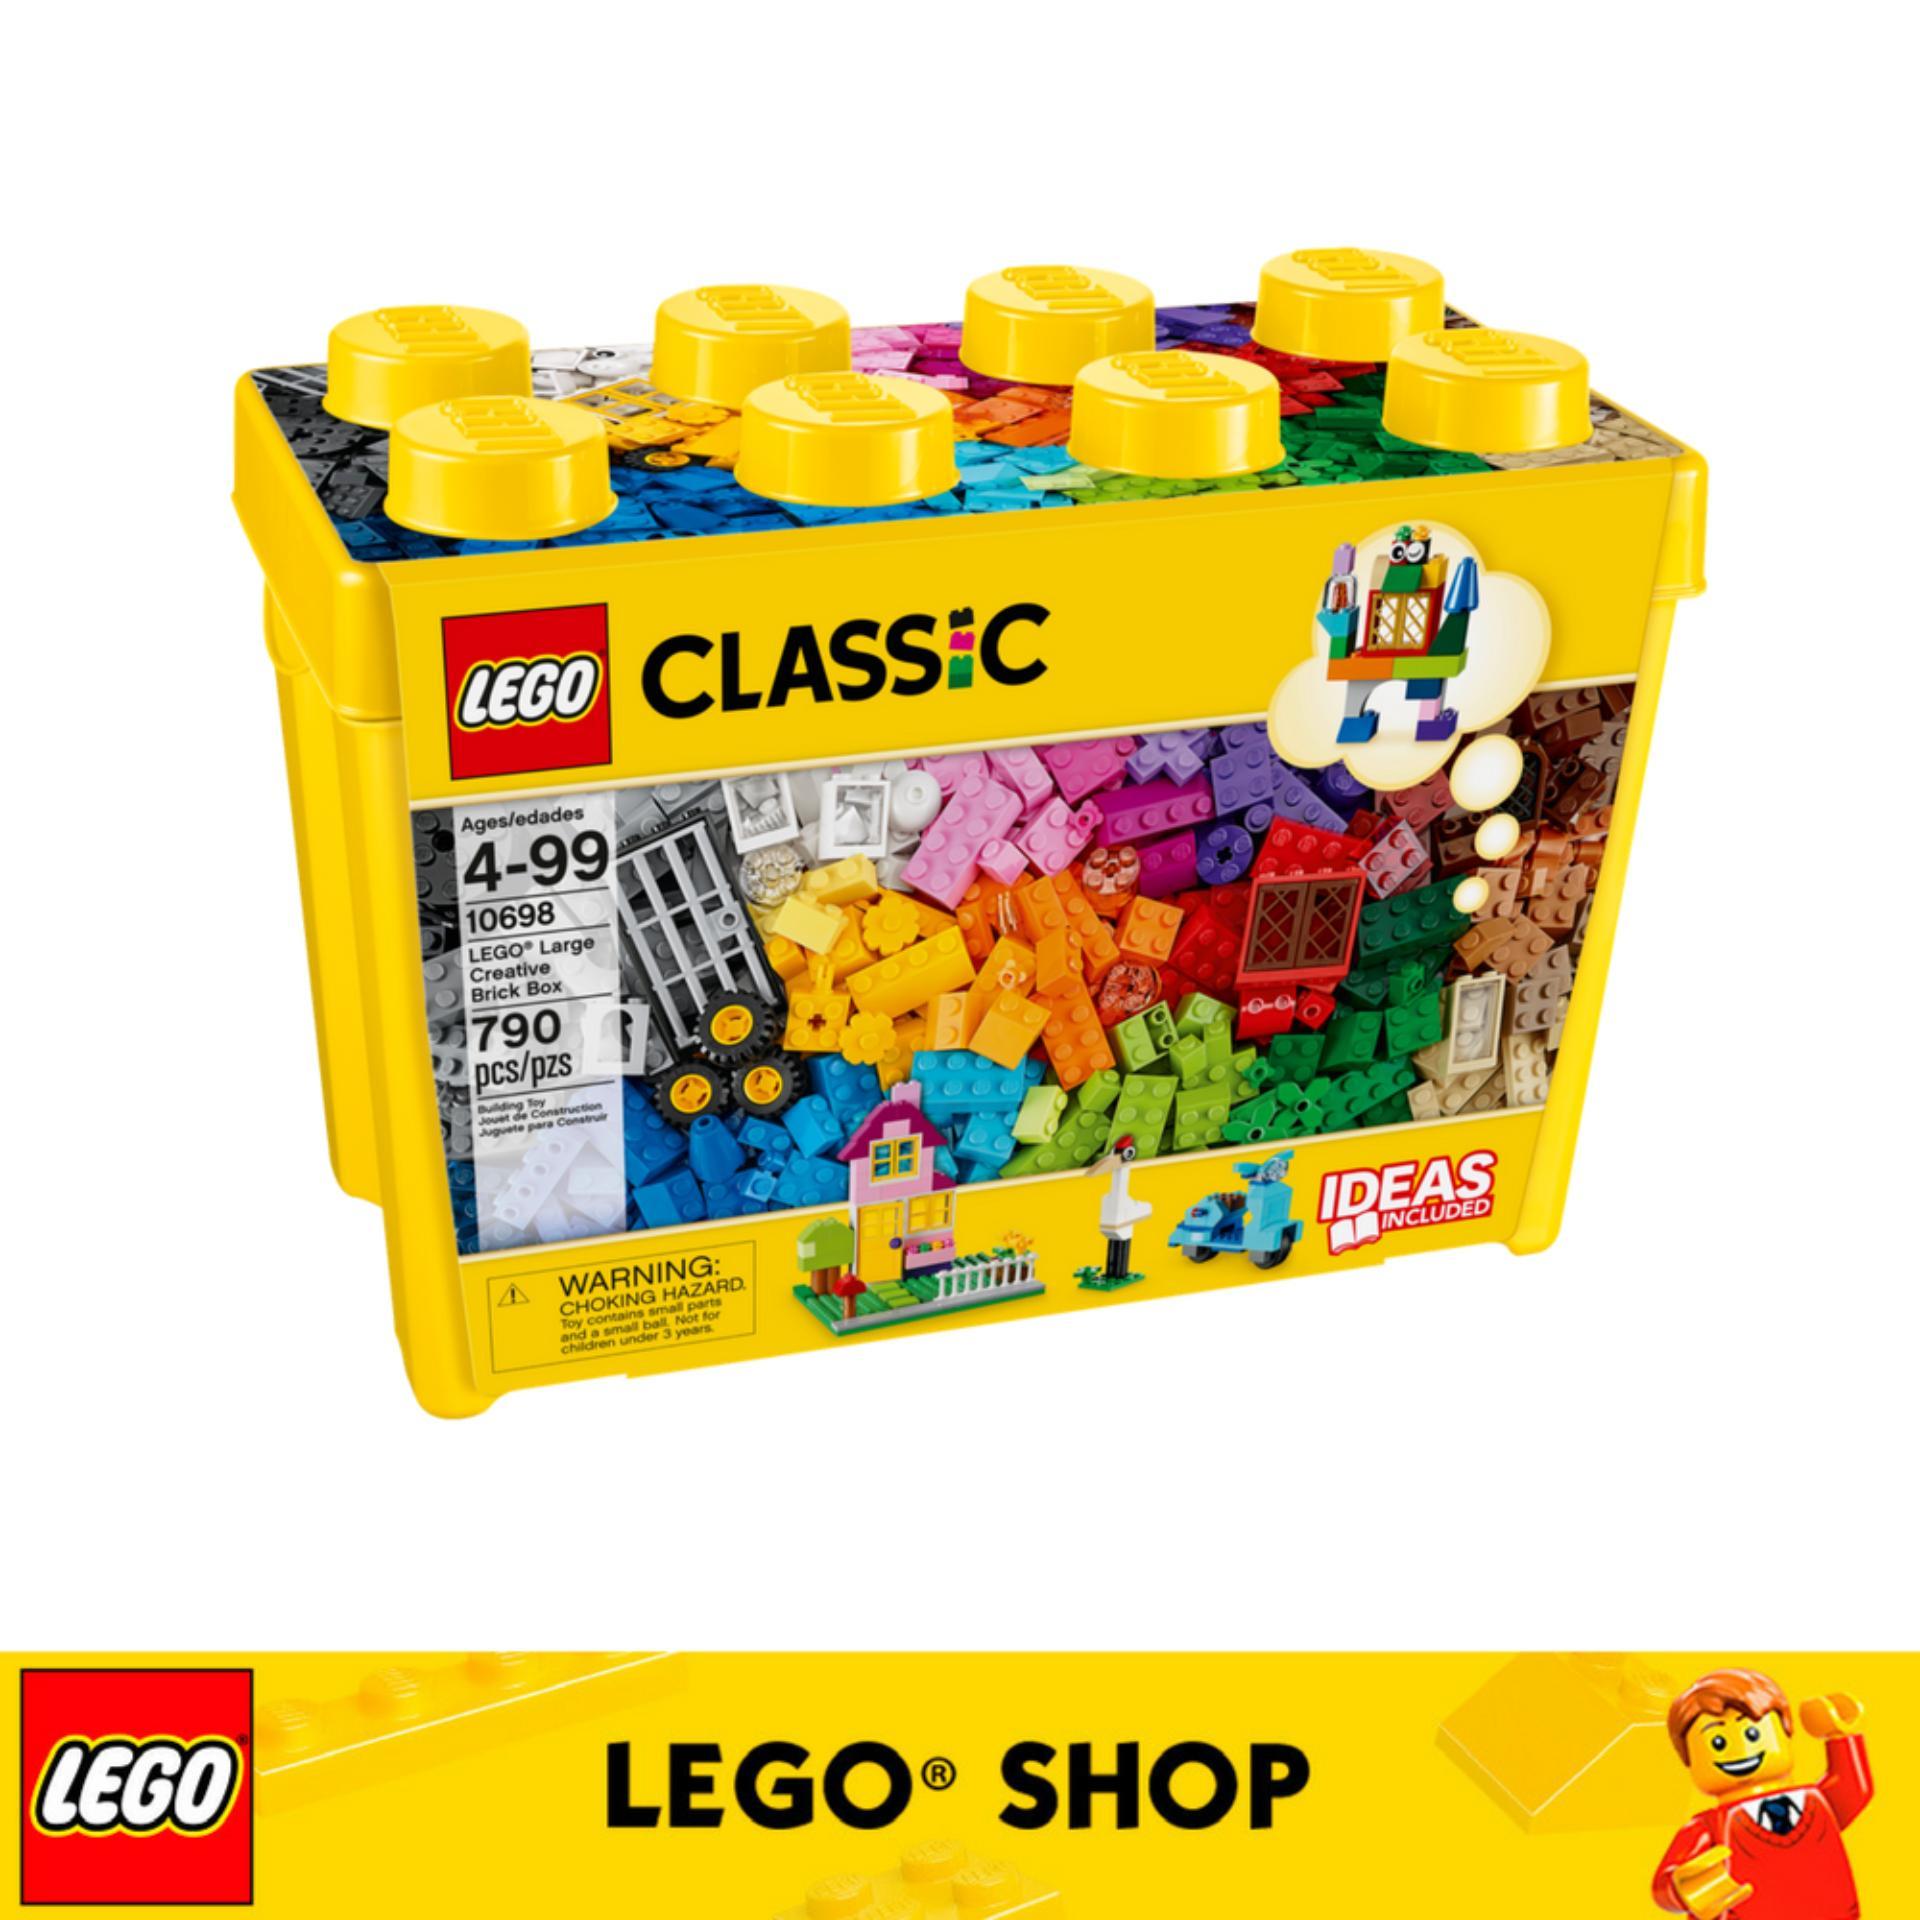 Sale Lego® Lego Classic Lego® Large Creative Brick Box 10698 Online Singapore